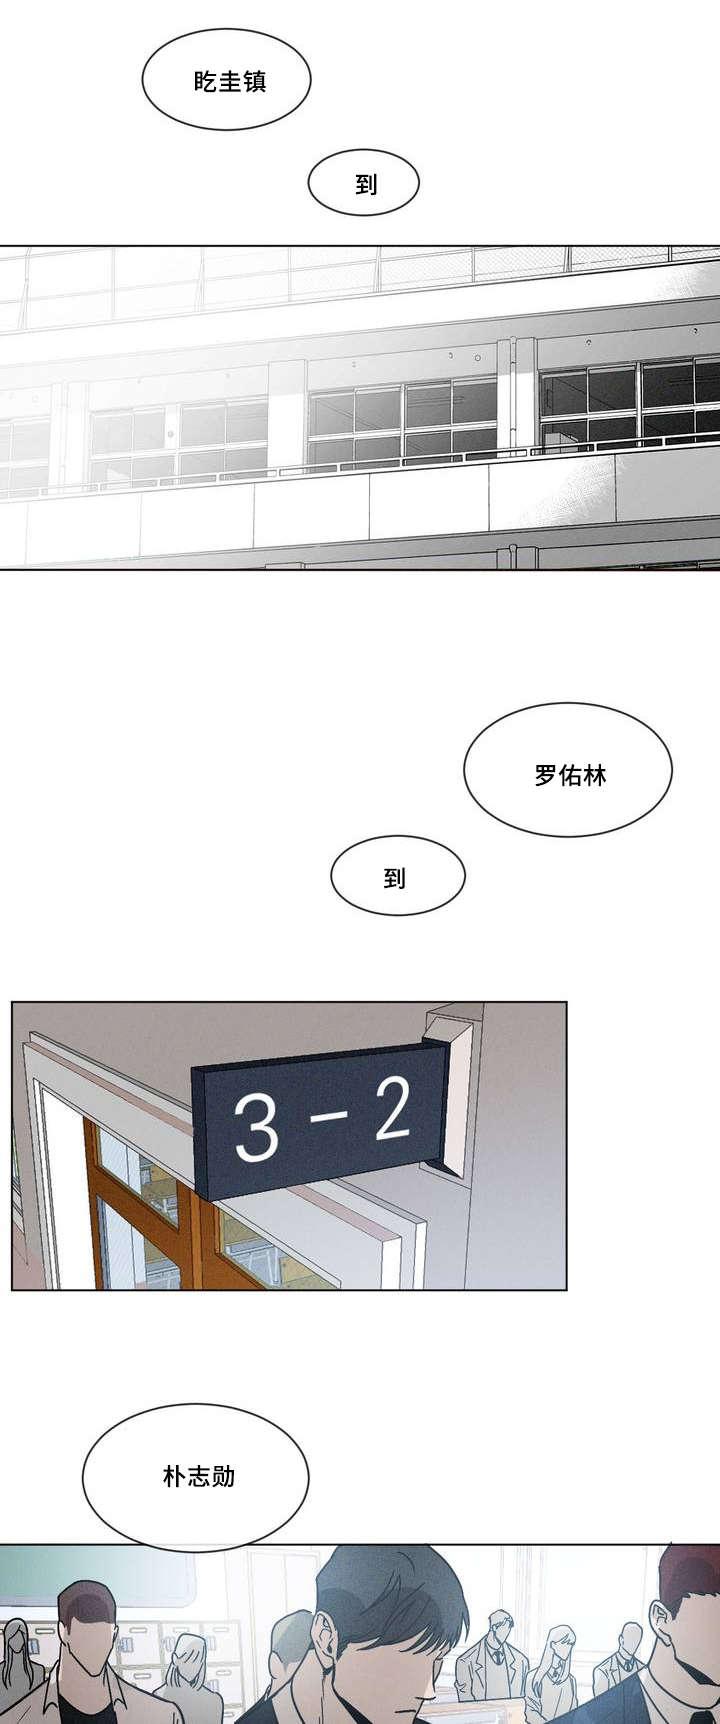 《返校》——(漫画韩漫)——(全文免费阅读)